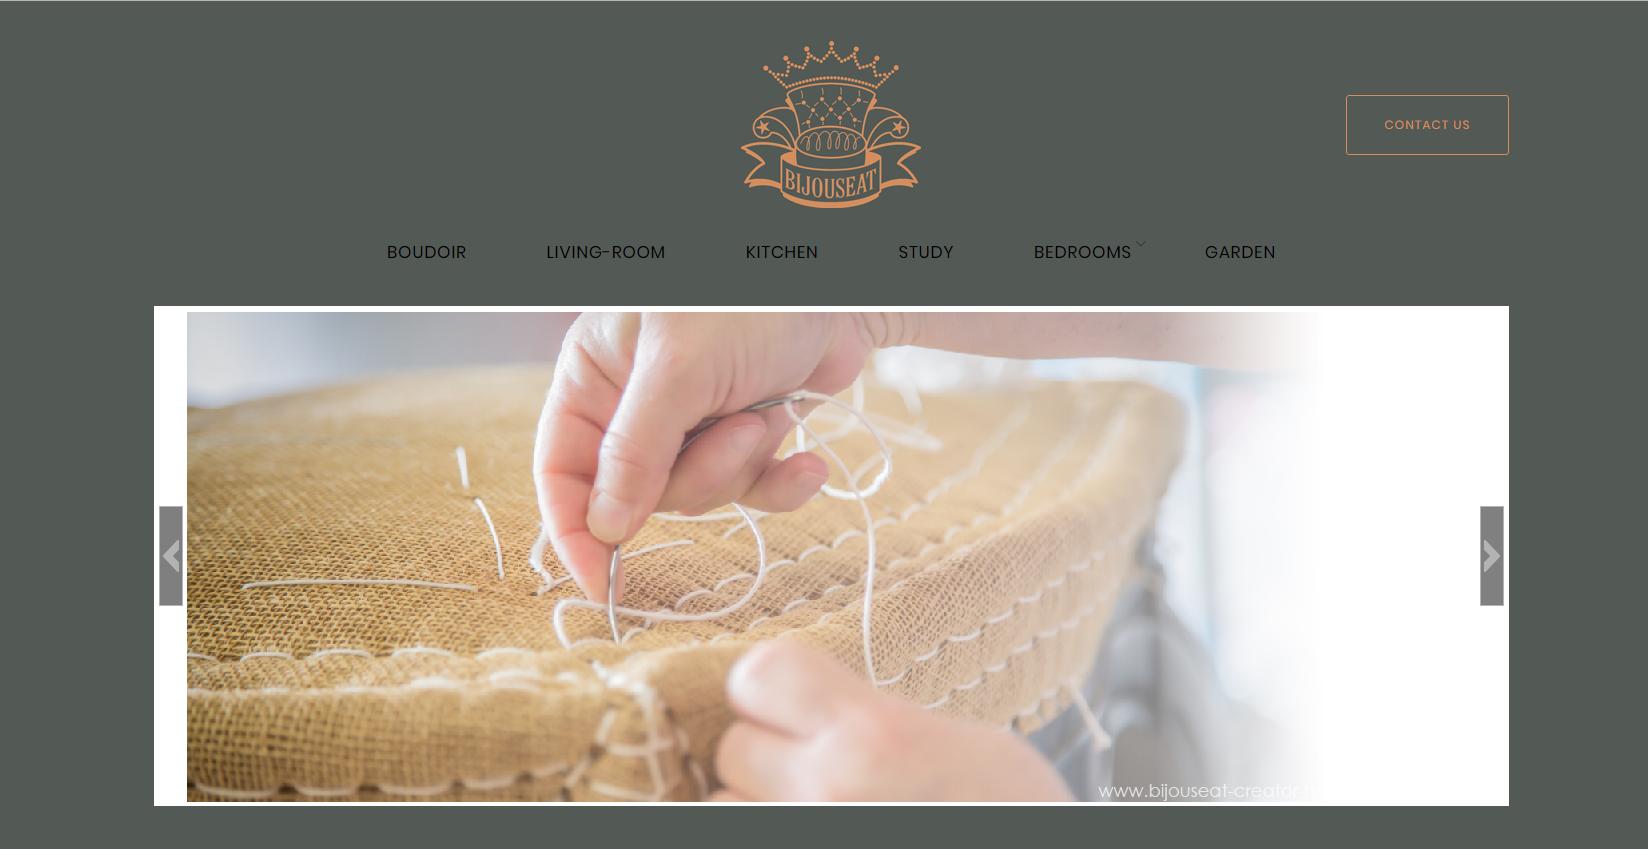 bijouseat-creator-home-furniture.com Web et Informatique en luberon - Site internet et referenecment - cedric de miscault - apt à cavaillon